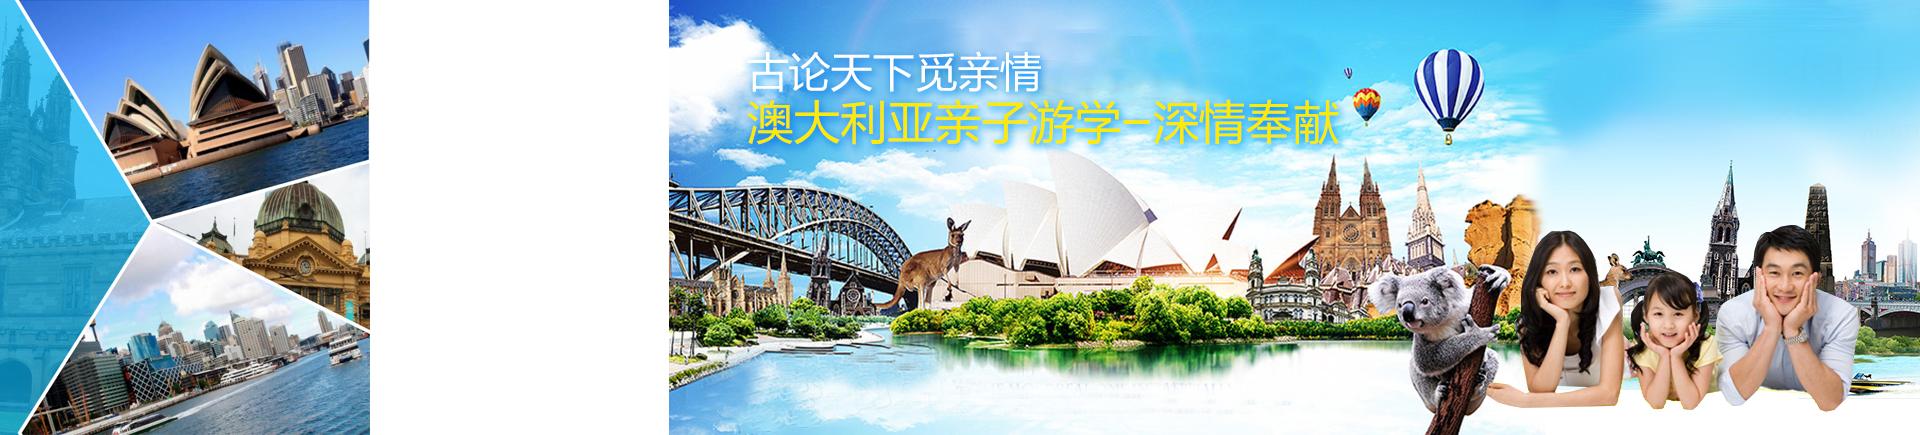 澳洲游学,澳洲亲子游